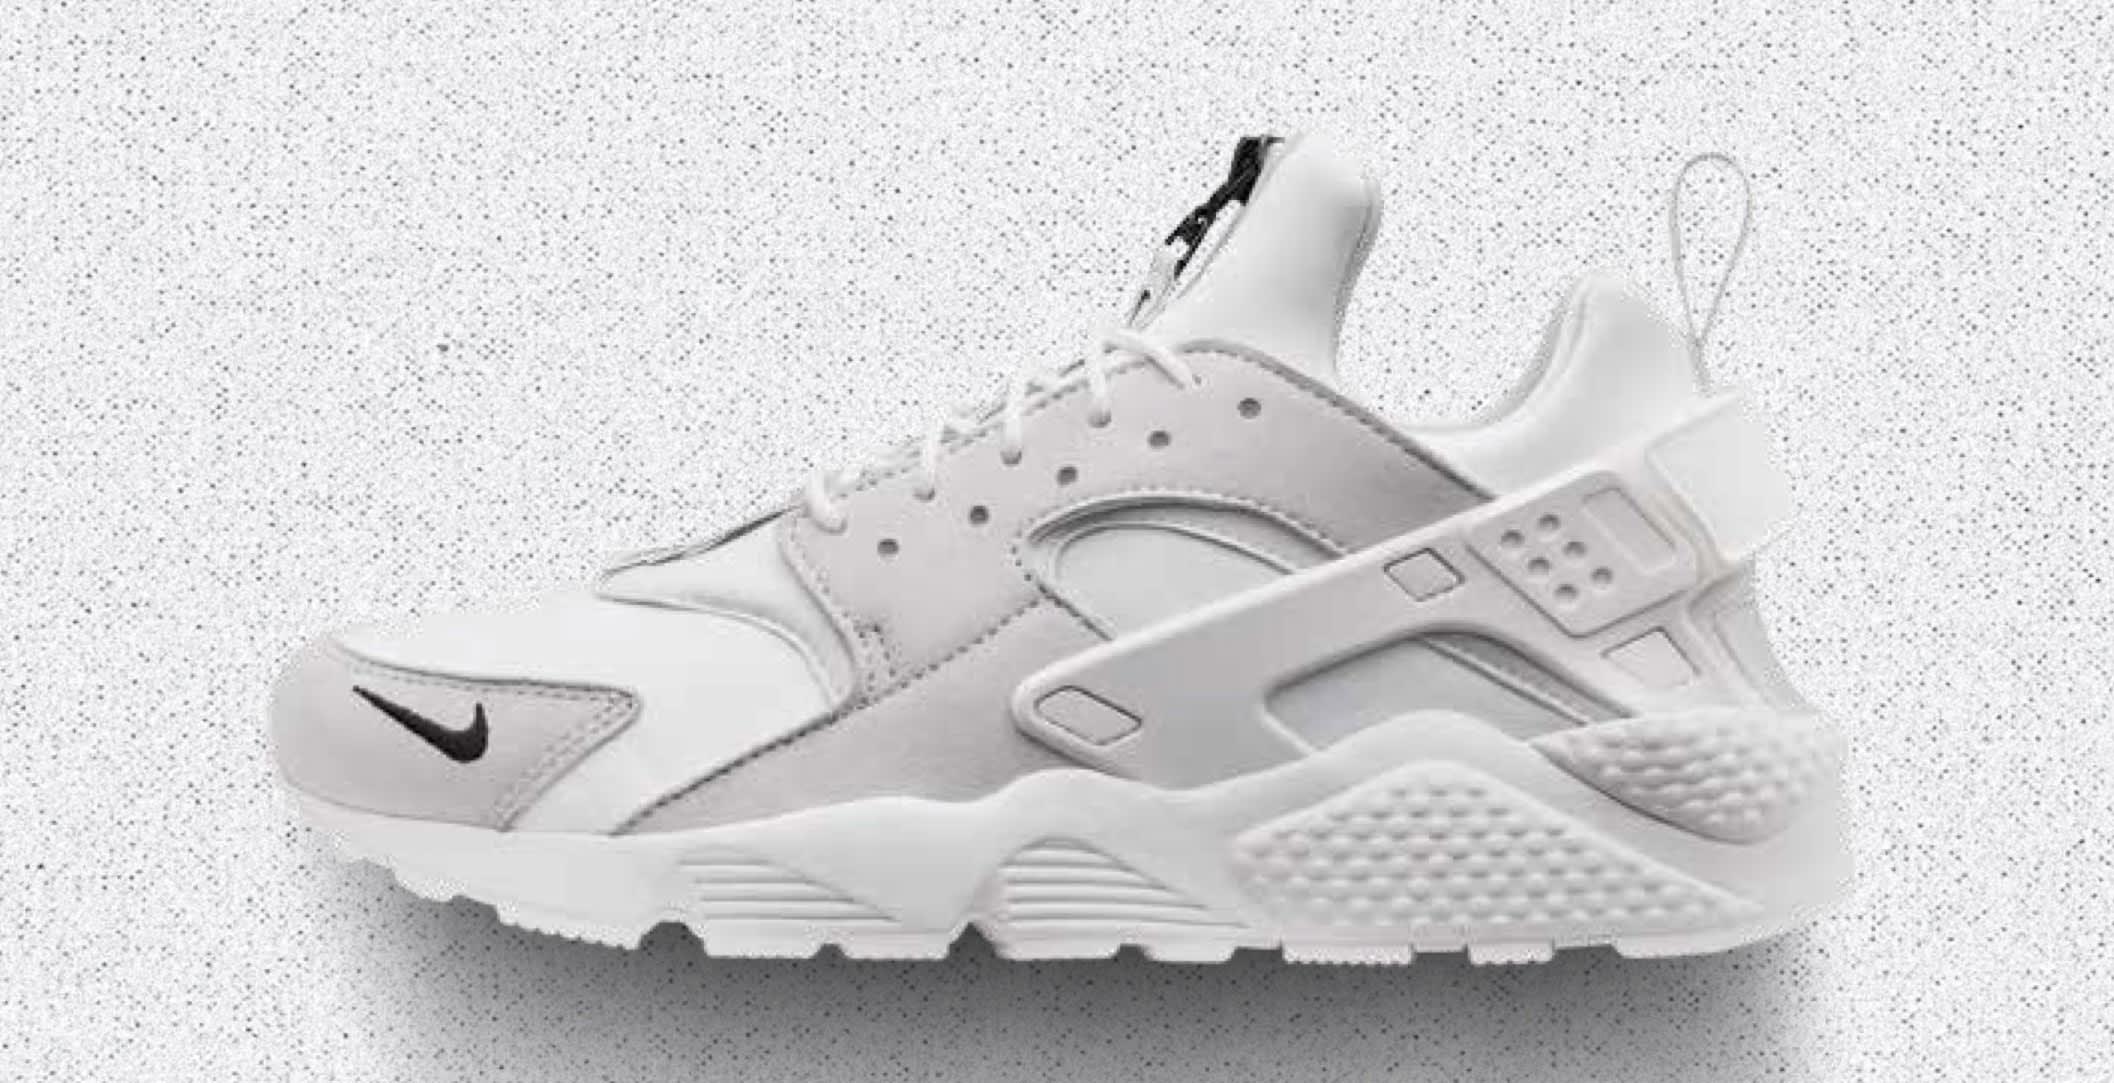 Nike Air Hurache 90/10 Pack